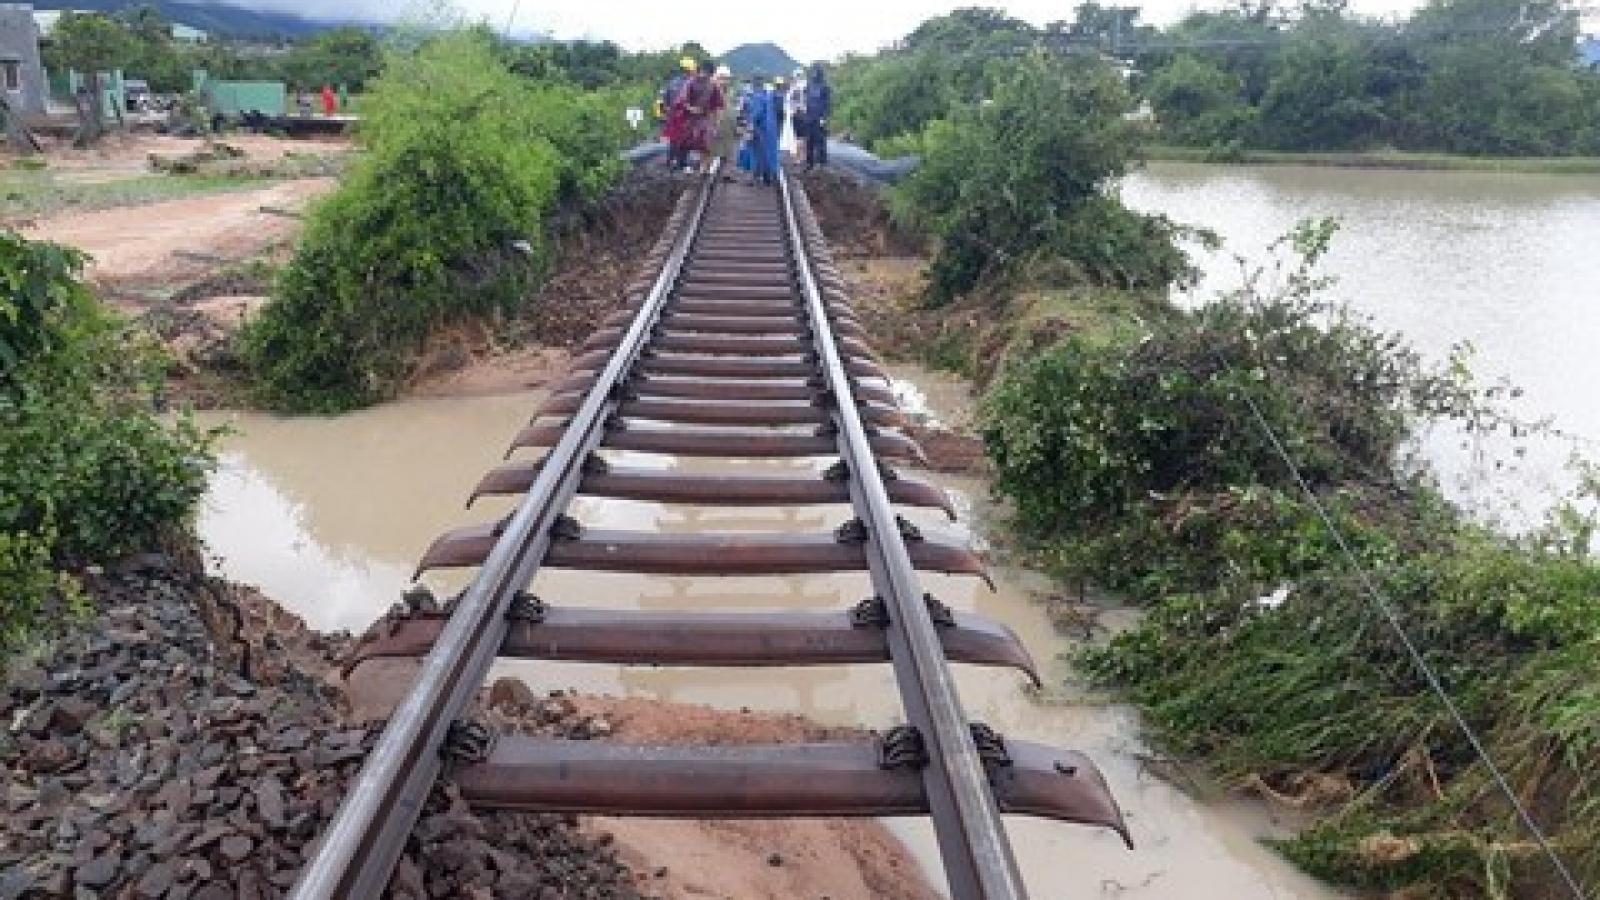 Nước lũ ở Đồng Hới đang rút, đường sắt Bắc-Nam thông tuyến, chạy lại tàu